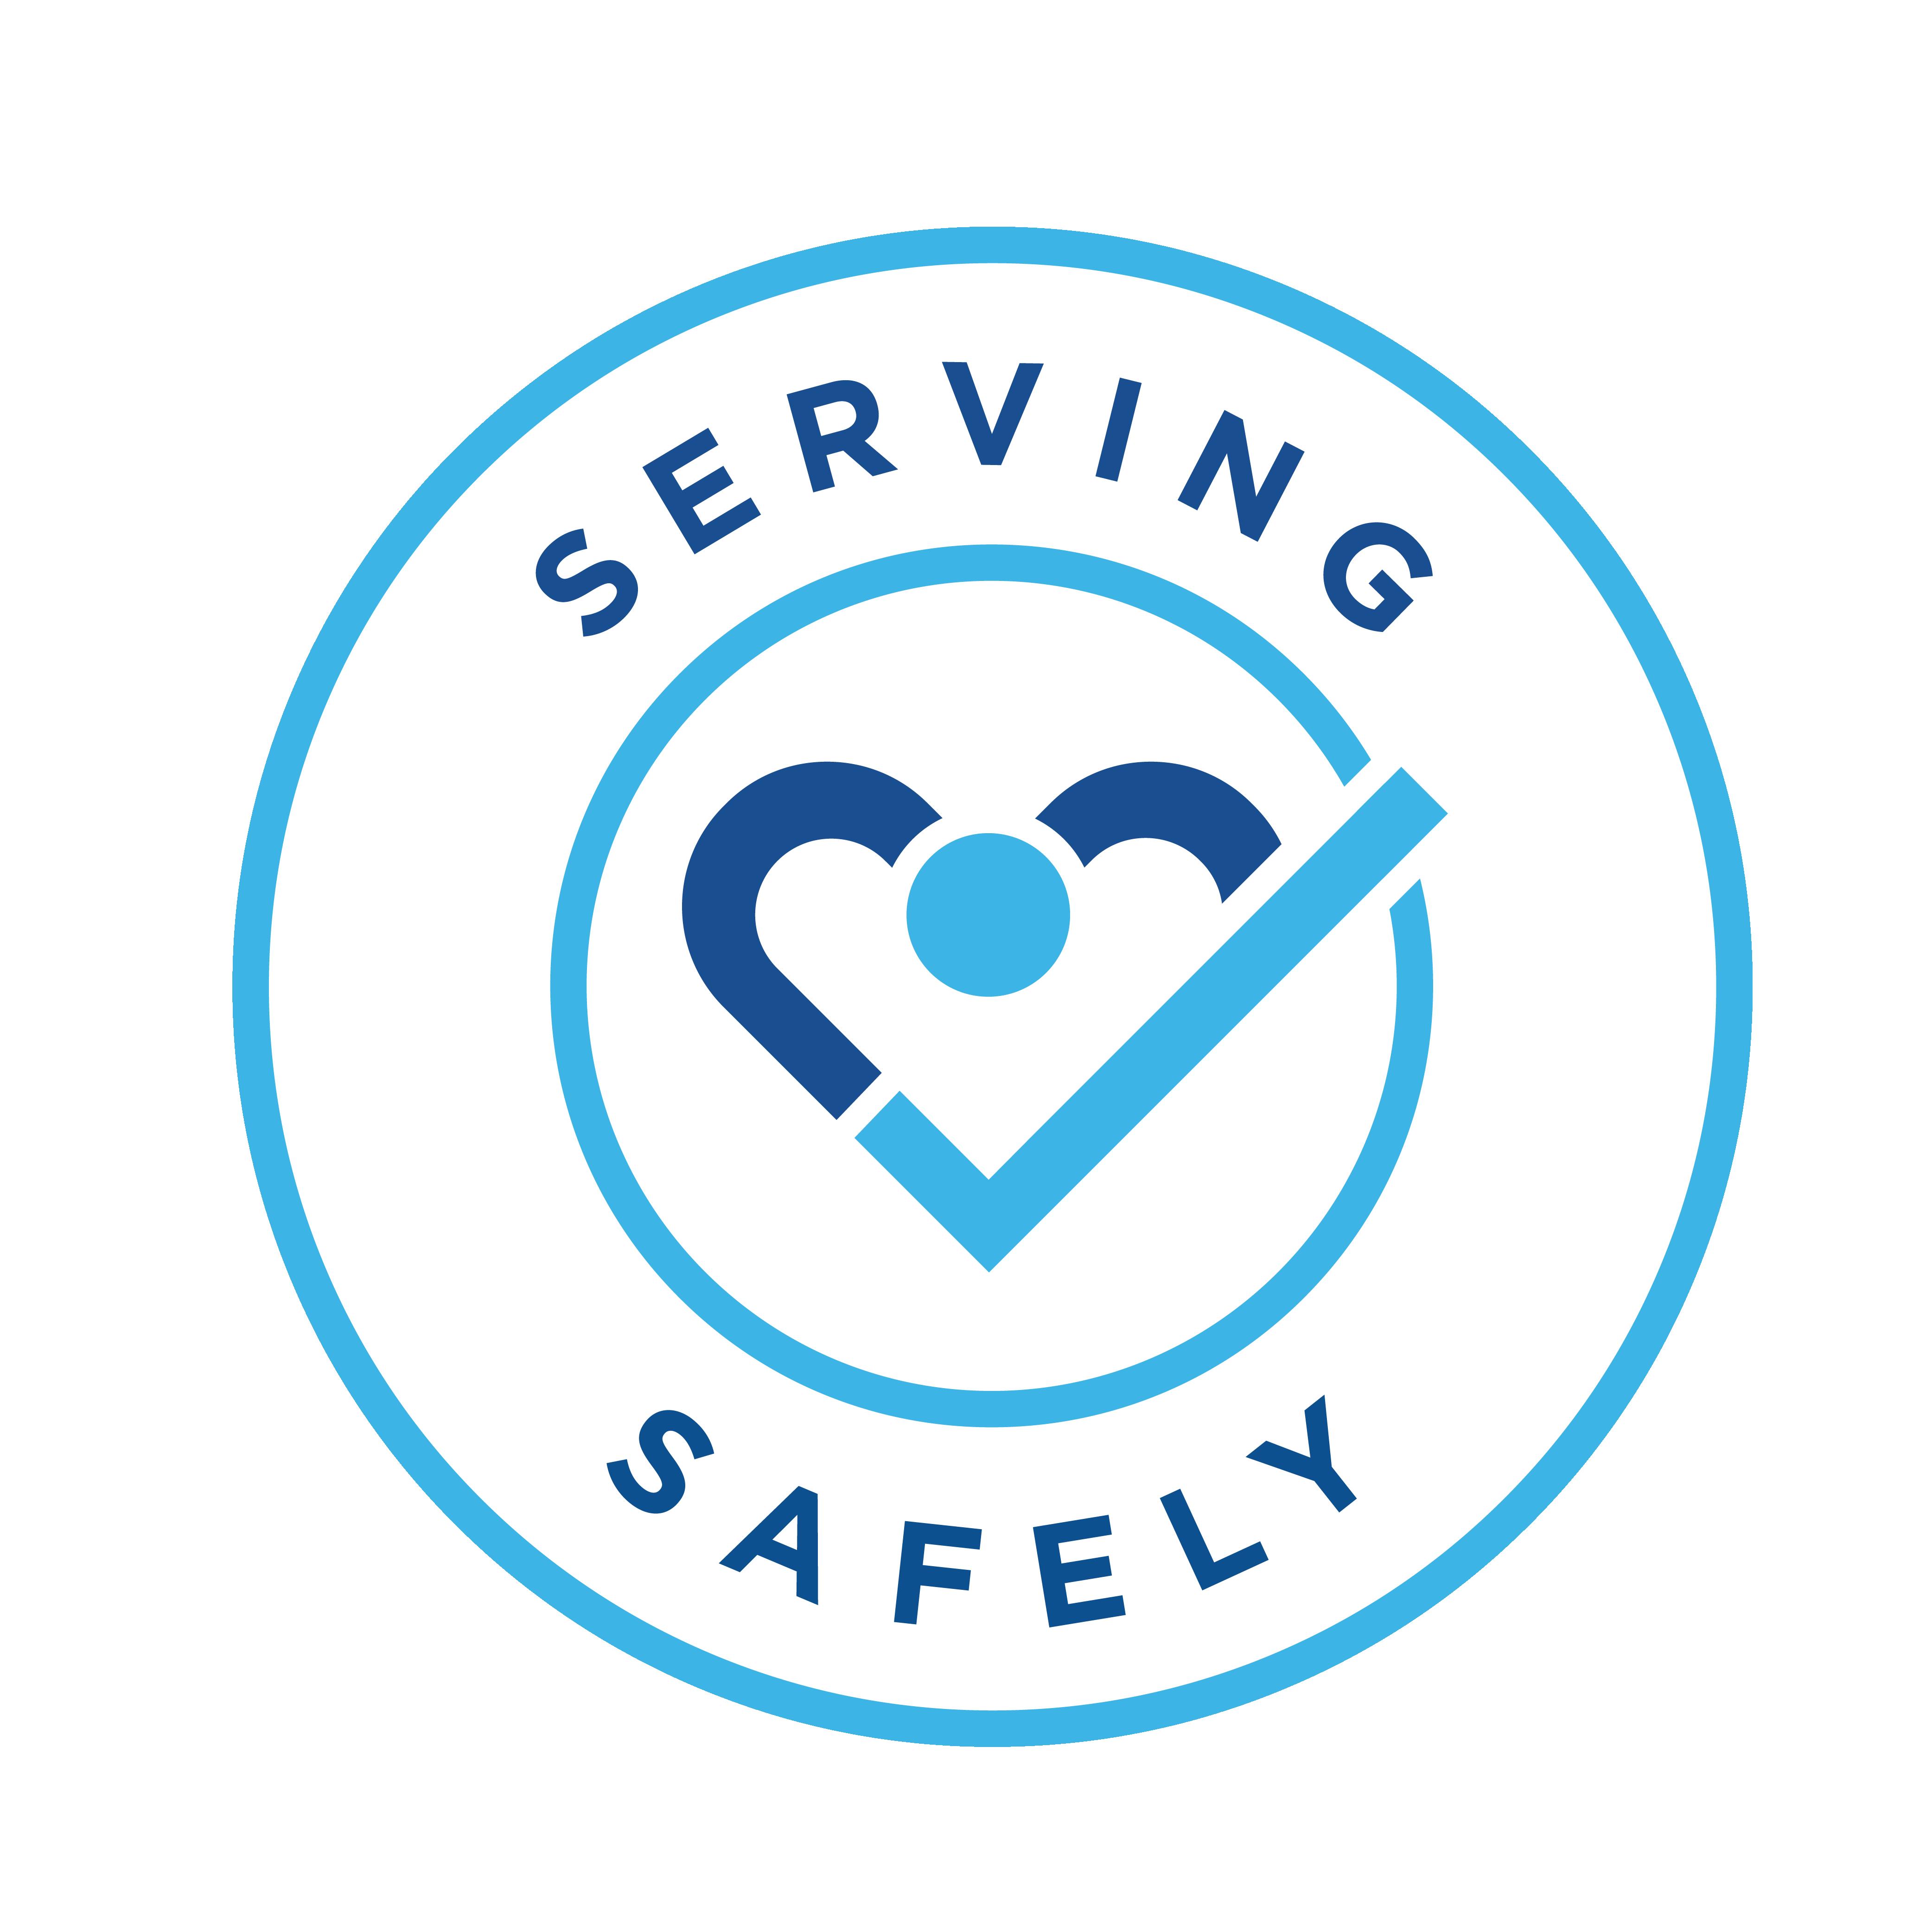 NSM_ServingSafely__Badge